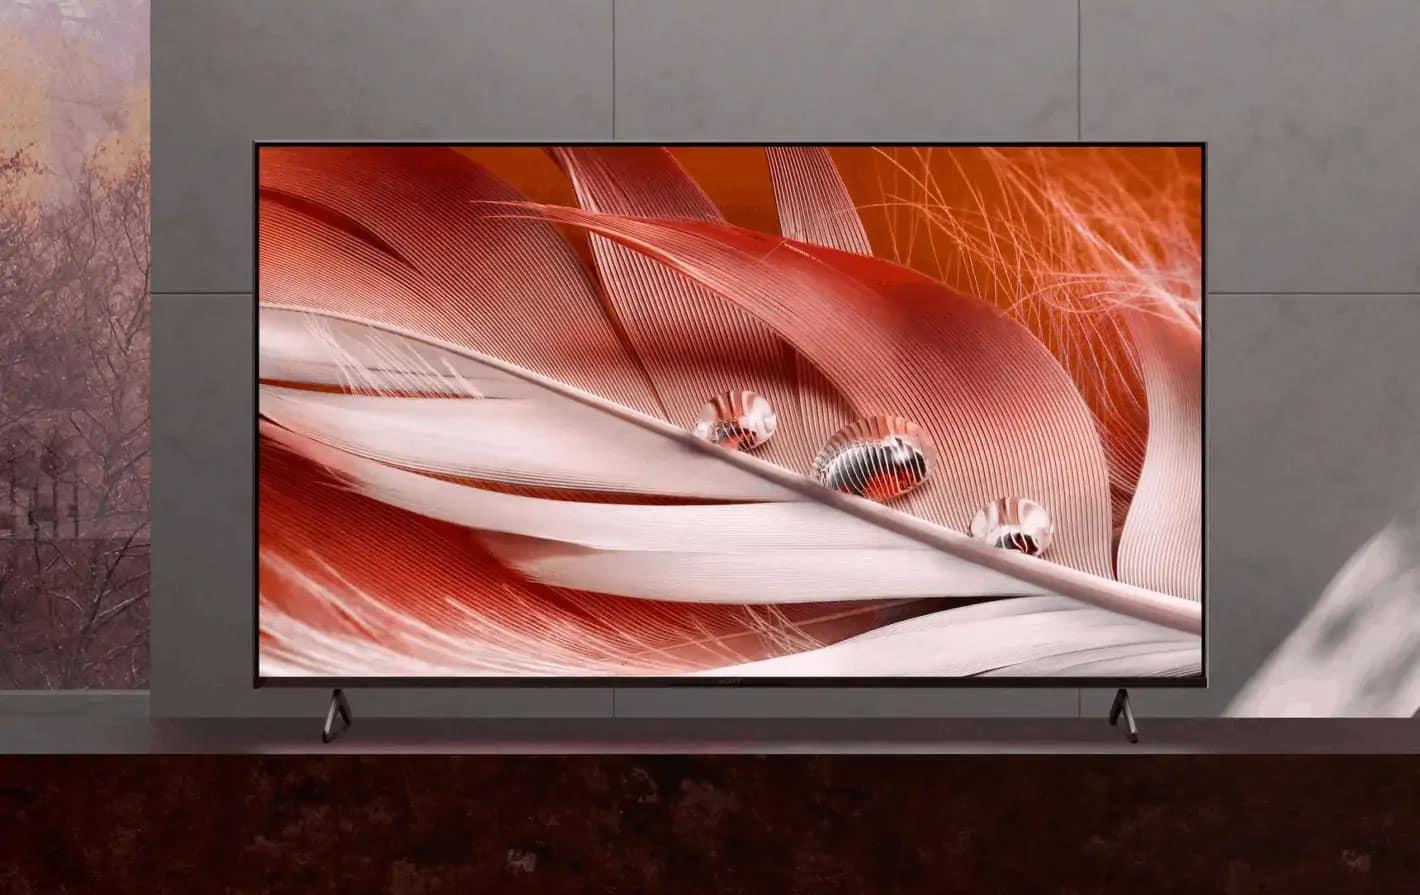 Sony Bravia 2021 4K 8K 120Hz TVs Sony Bravia X90J VRR